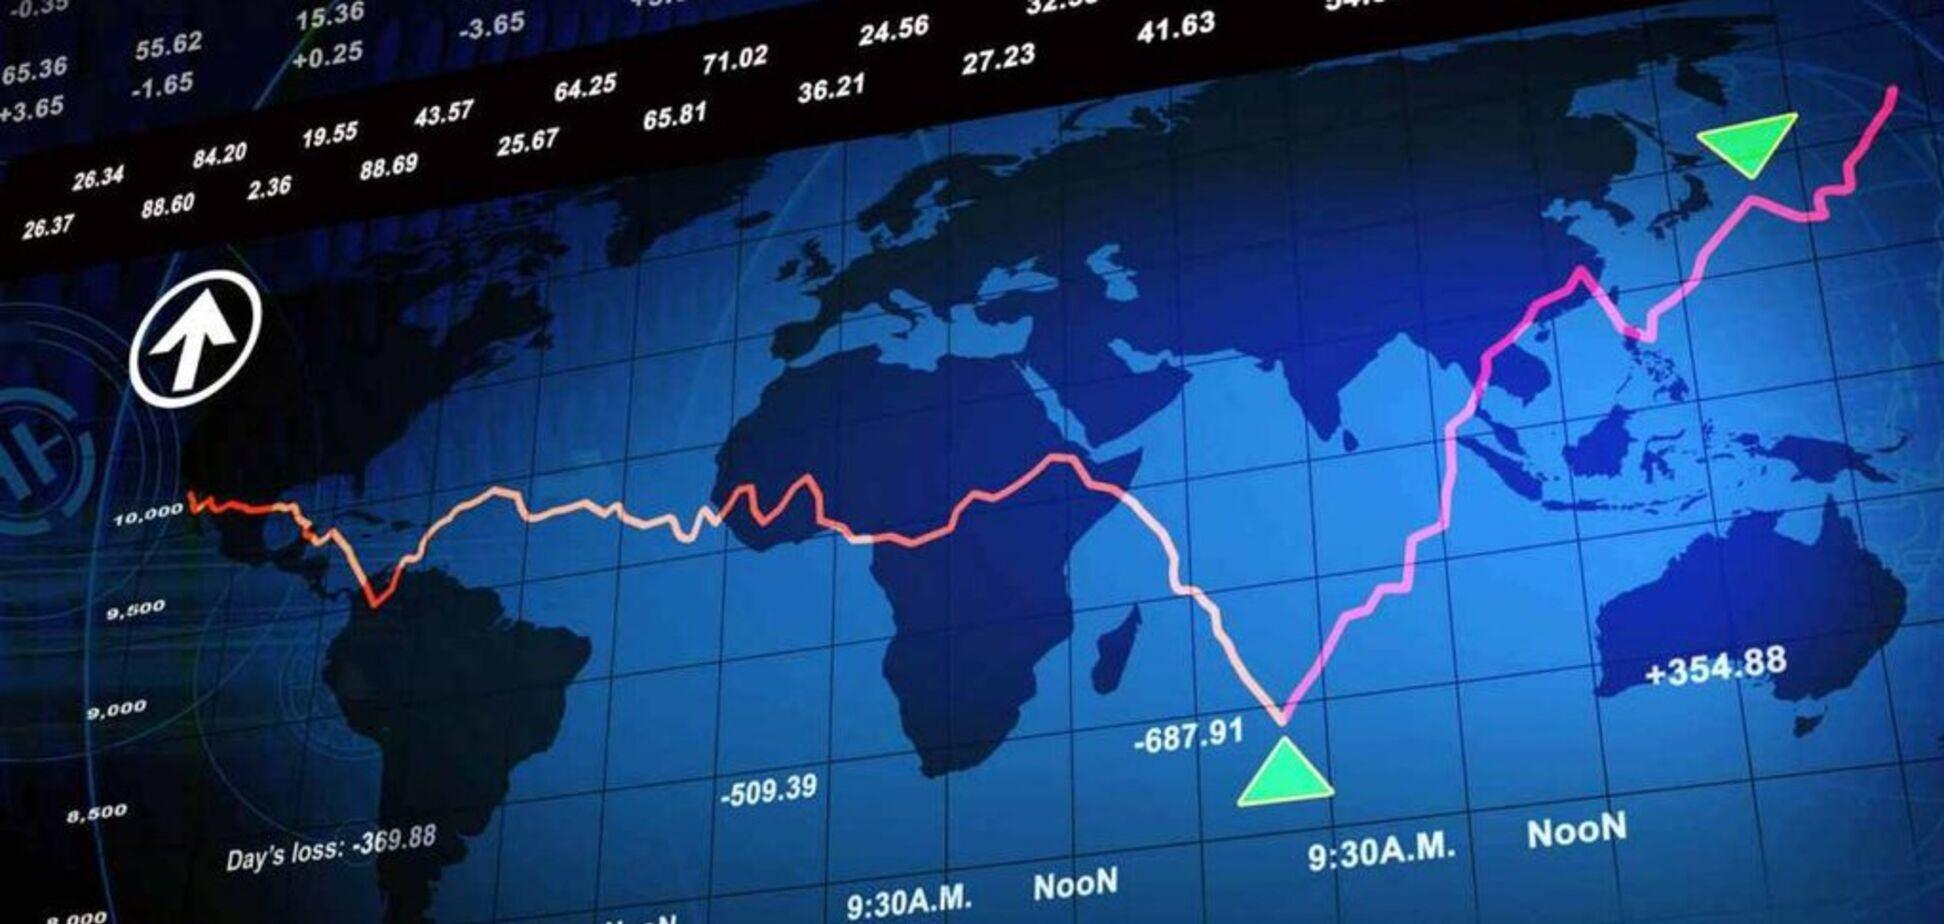 Мировой экономике предрекли шок: Saxo Bank обнародовал ежегодные предсказания